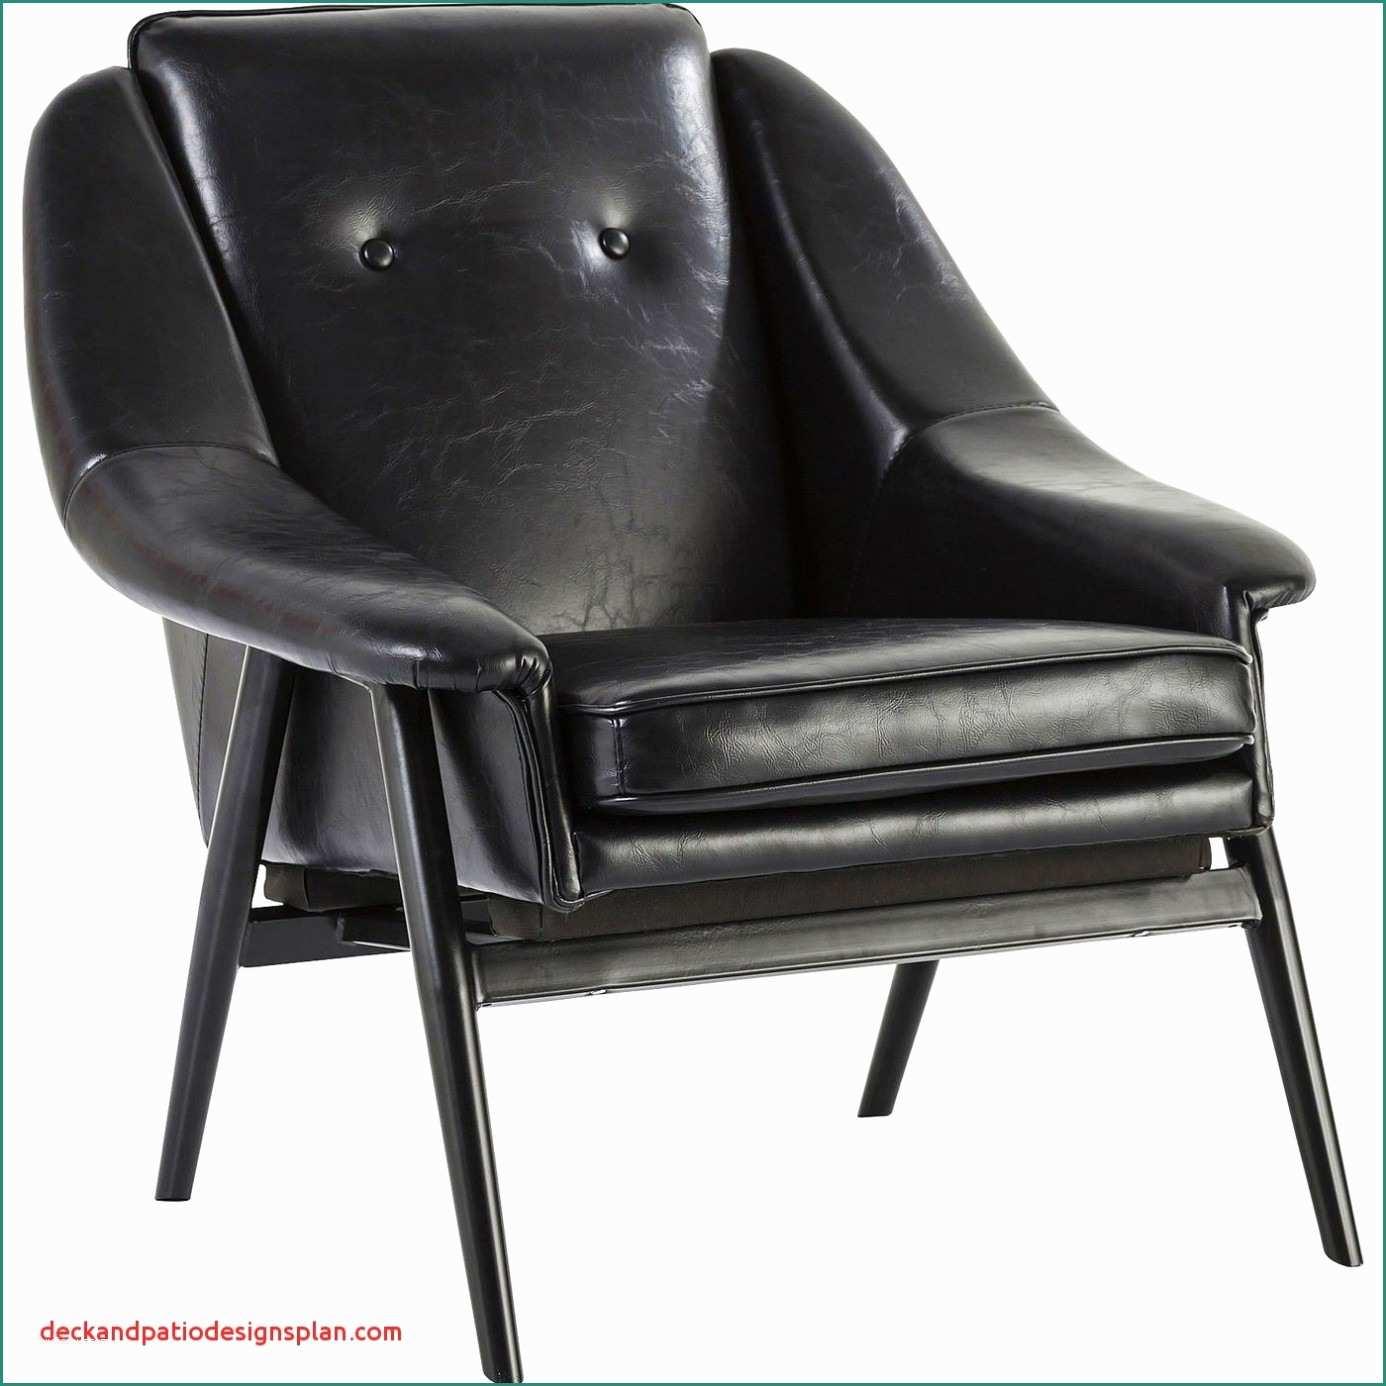 Full Size of Sessel Ikea Sedia Gaming E Pc Relaxsessel Garten Schlafzimmer Wohnzimmer Küche Kosten Miniküche Kaufen Betten Bei Sofa Mit Schlaffunktion Modulküche Wohnzimmer Sessel Ikea